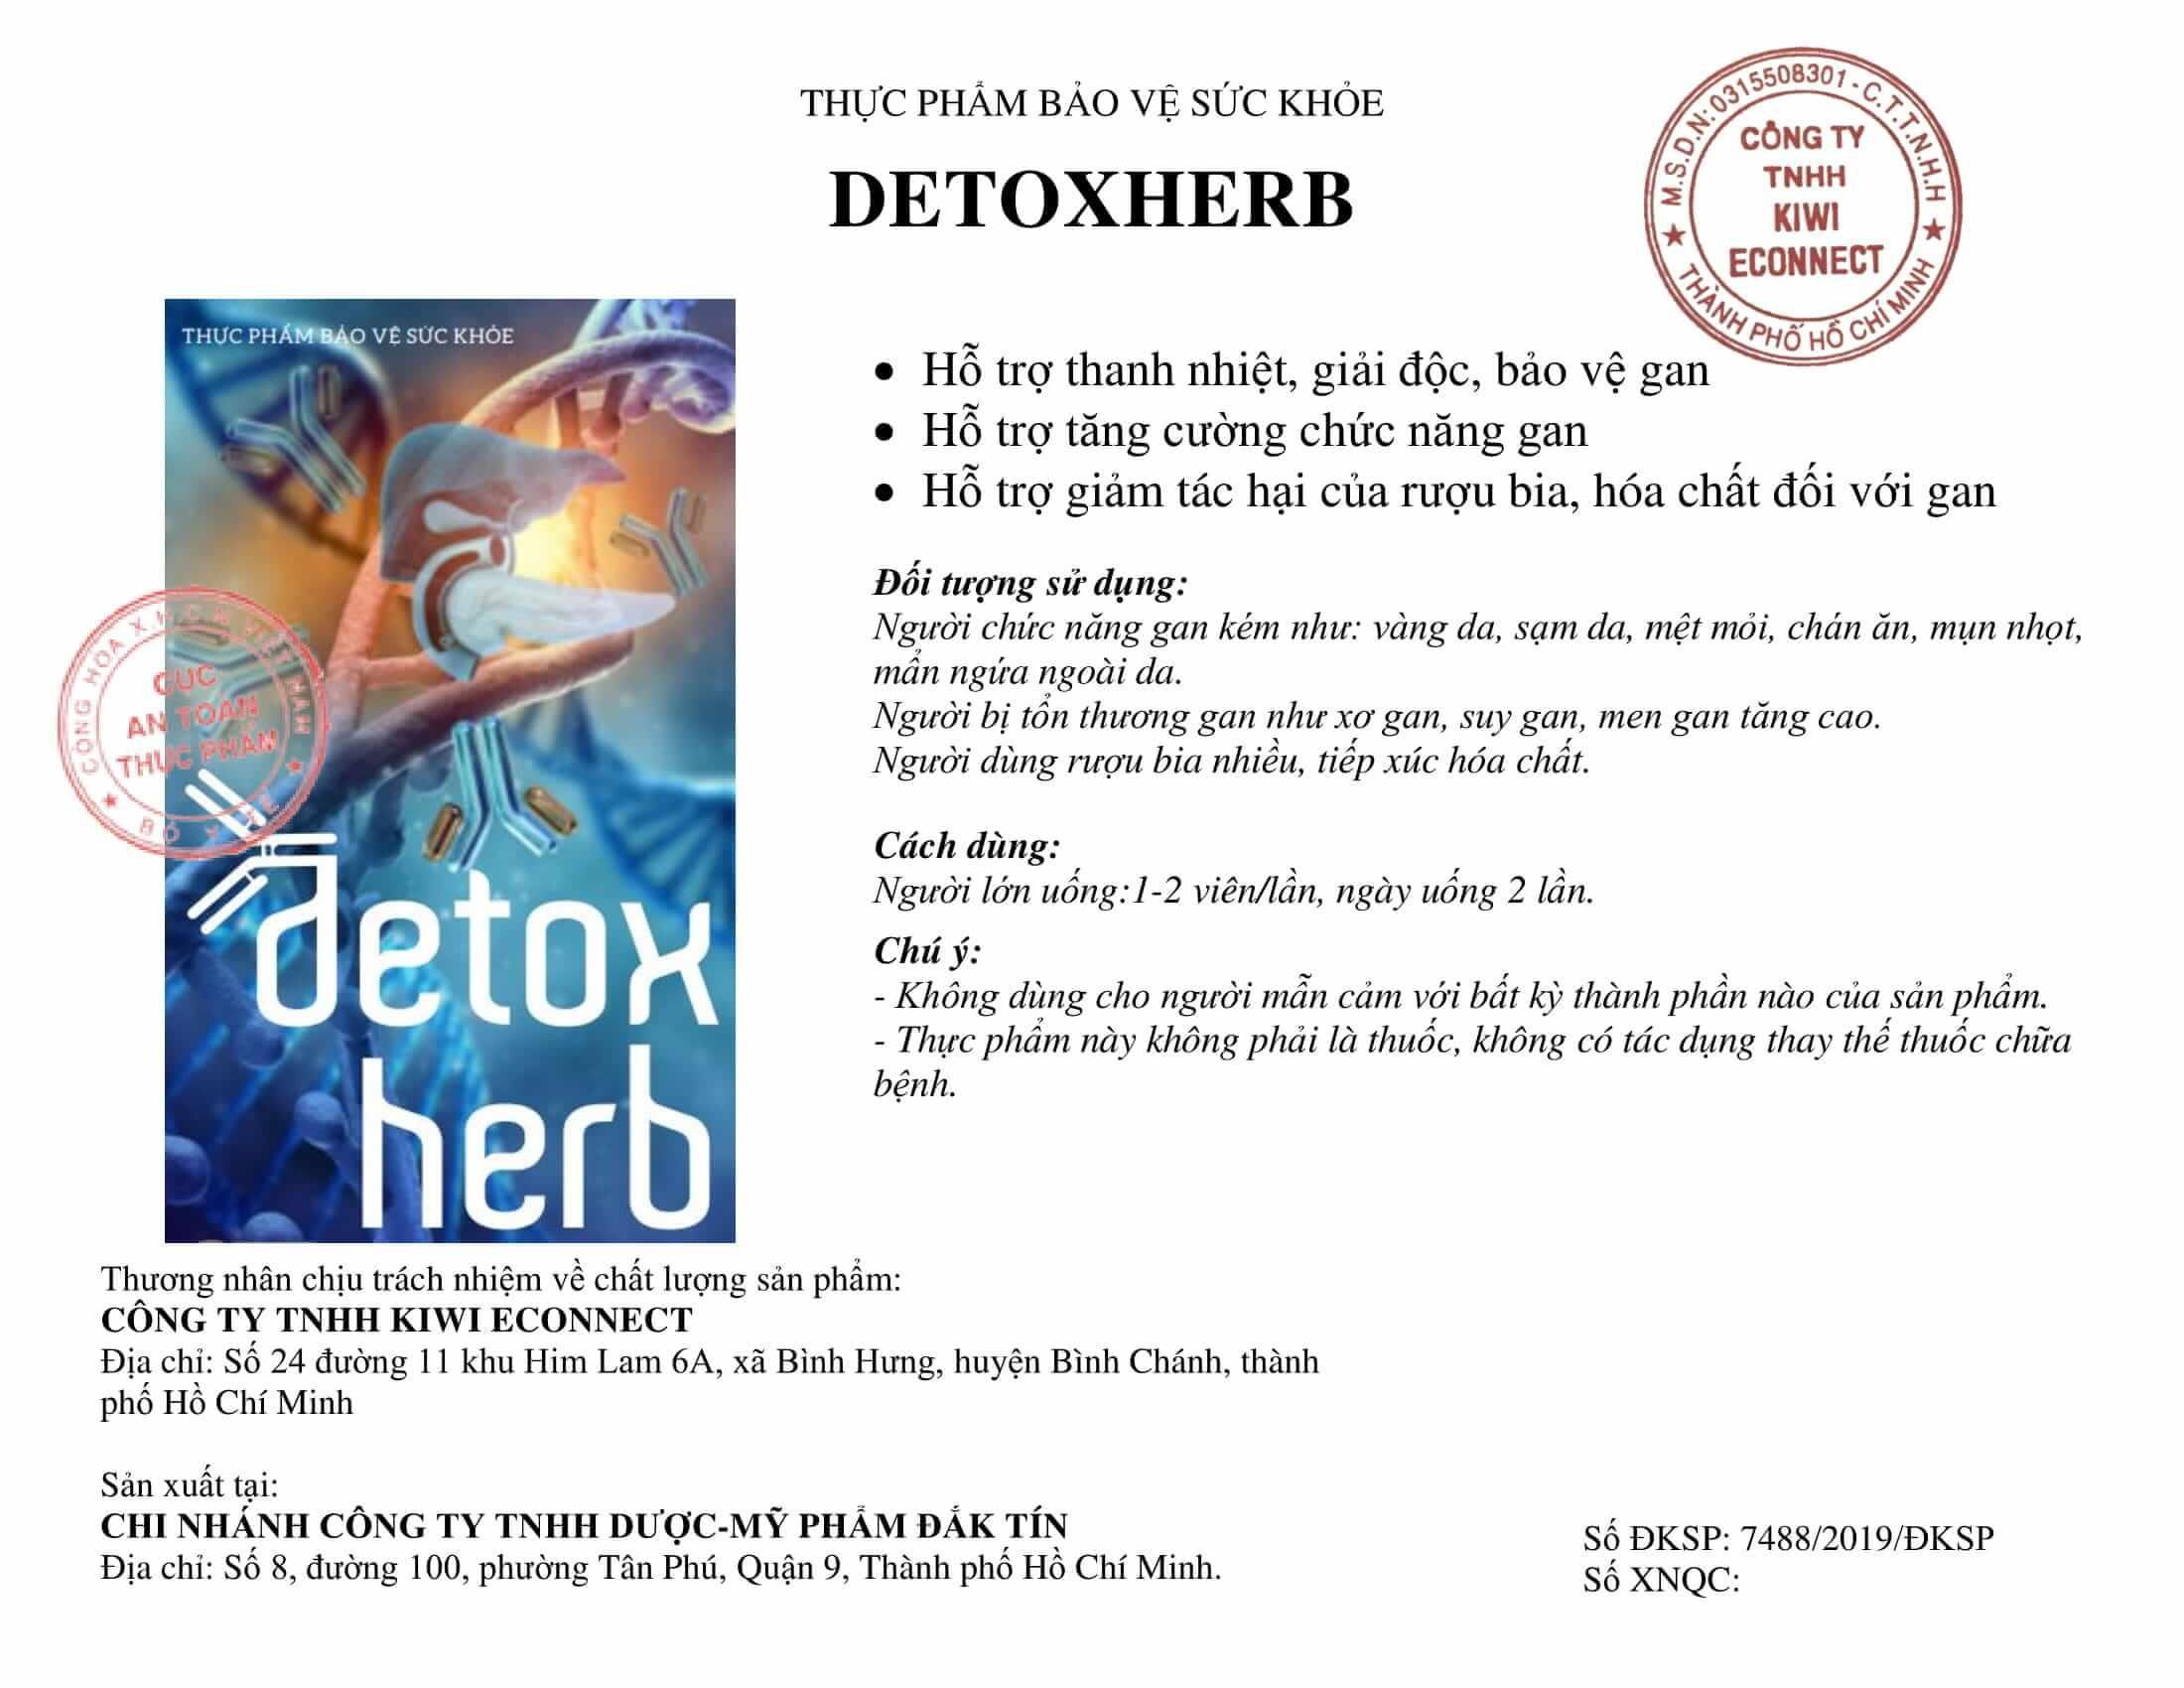 rat-nguy-hiem-detoxherb-co-tot-khong-mua-o-dau-gia-bao-nhieu-4